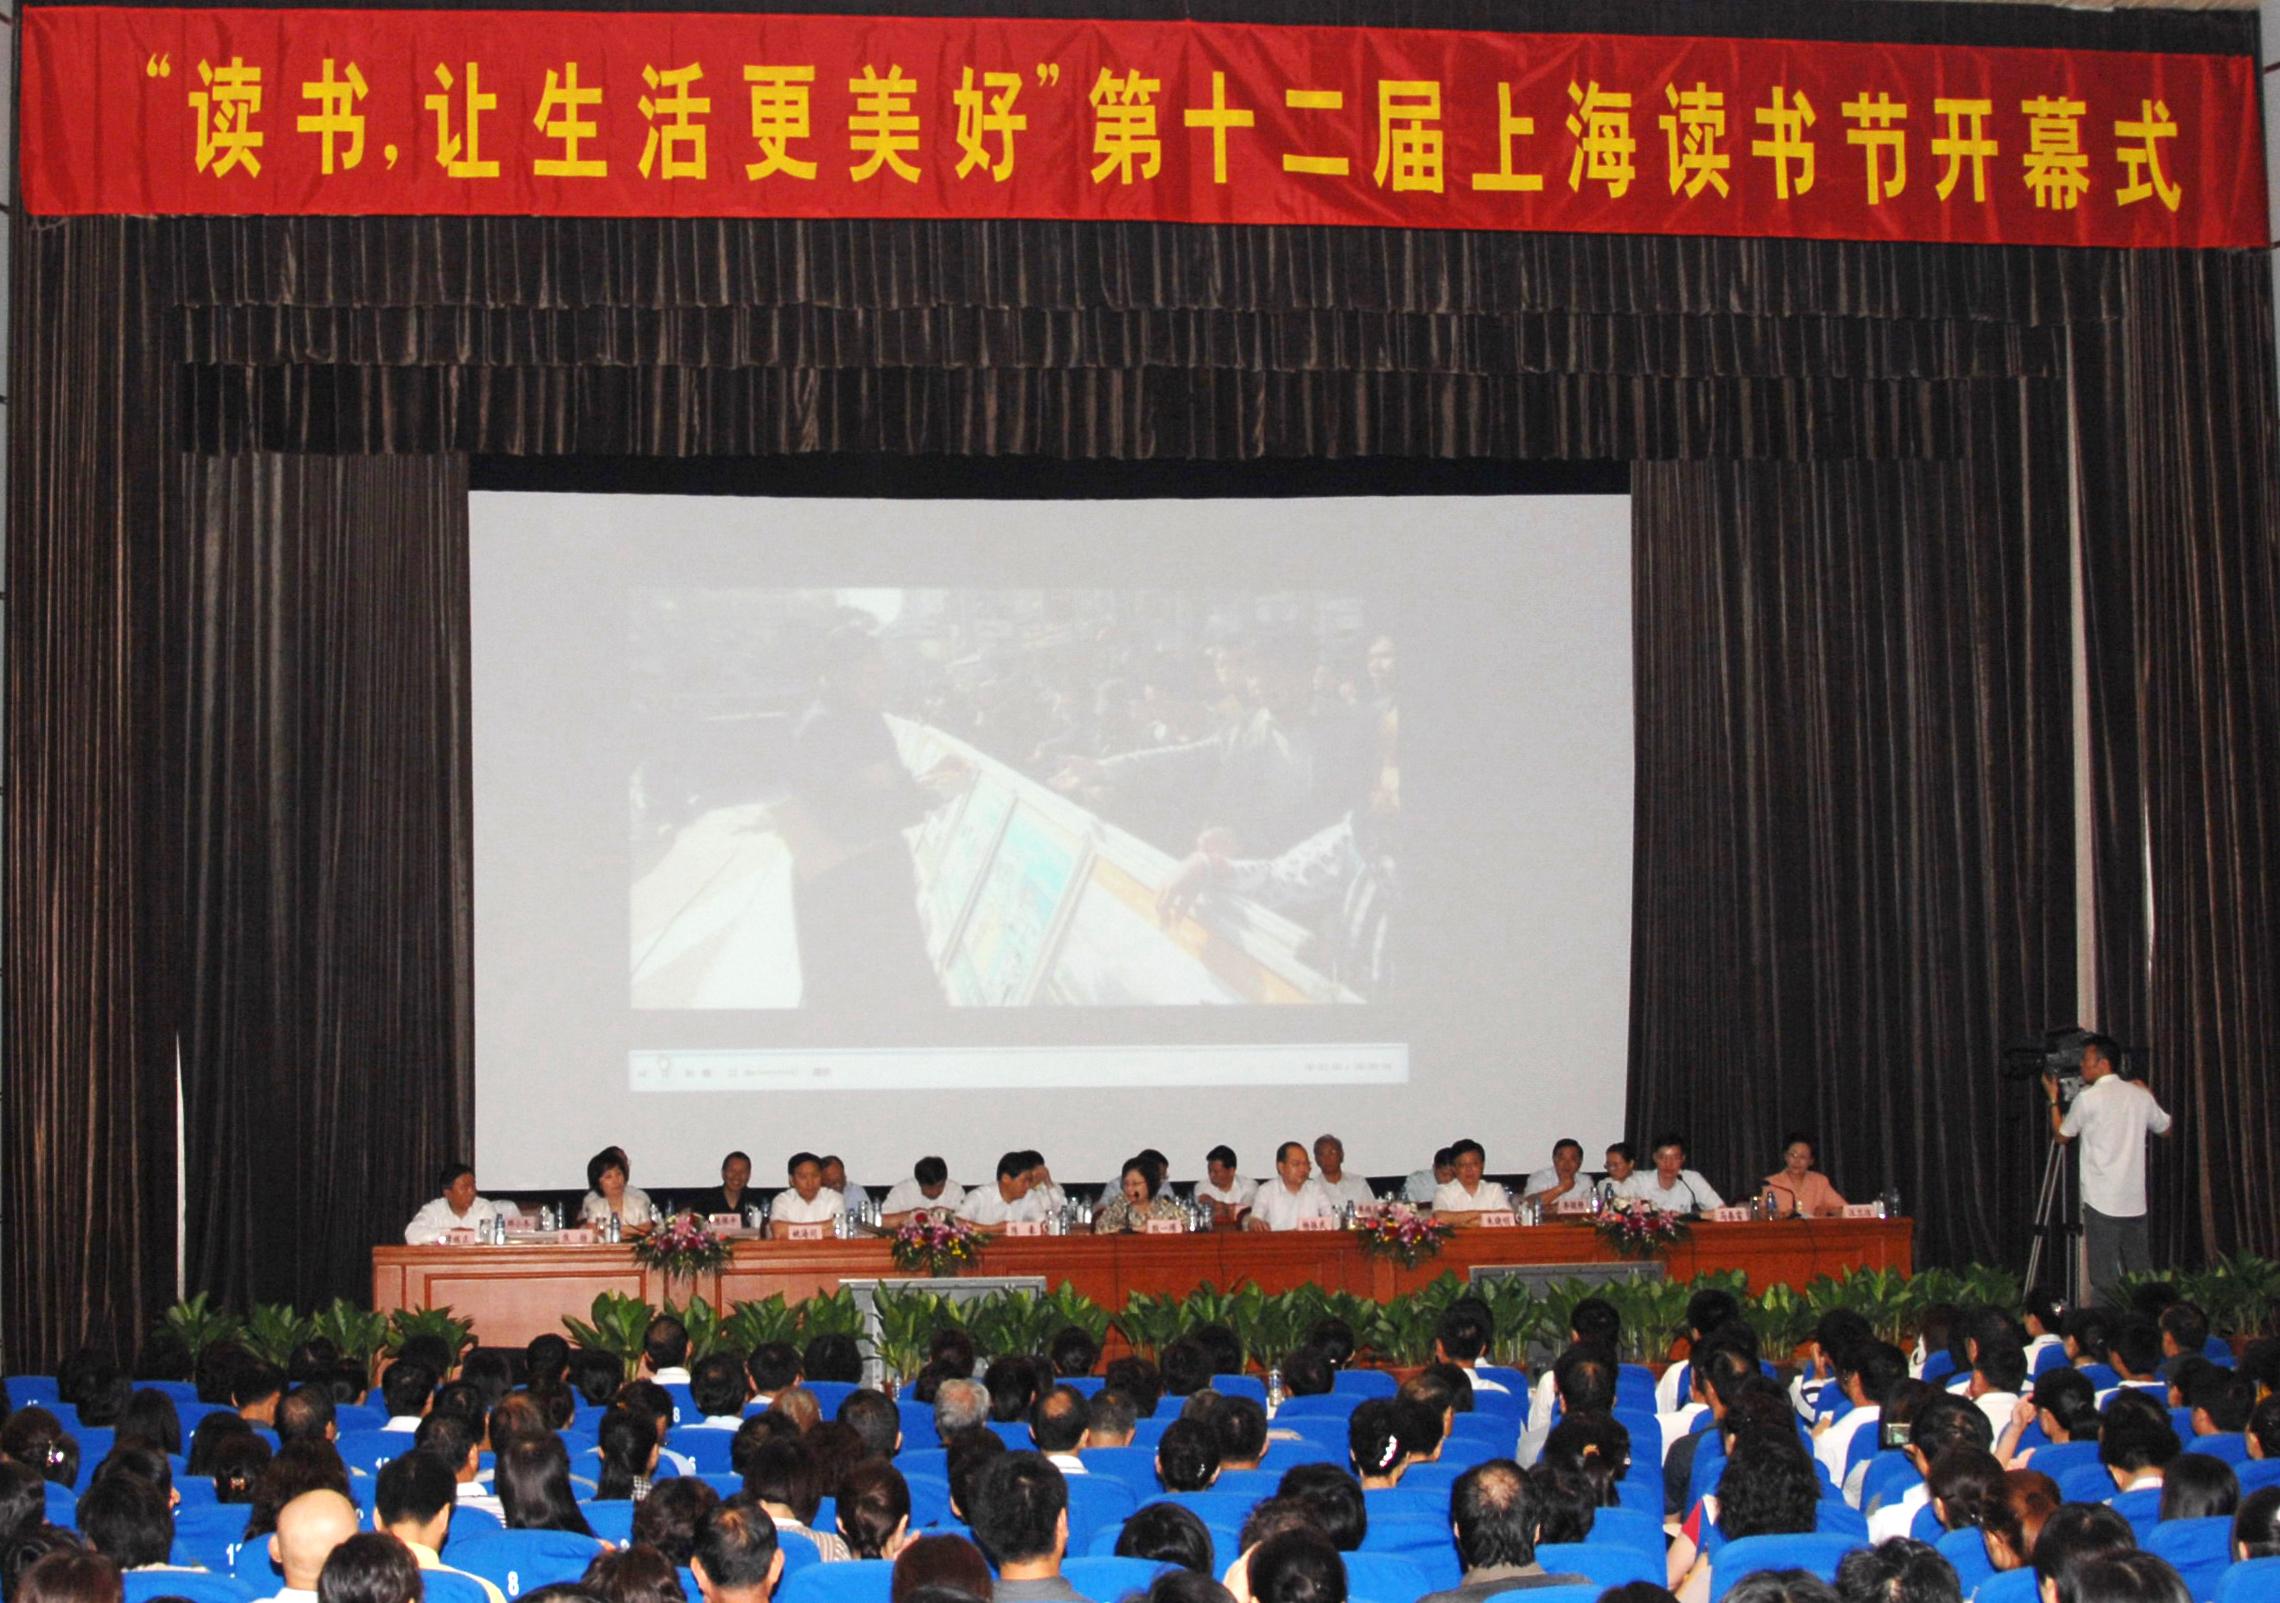 第十二届上海读书节在上图隆重拉开帷幕